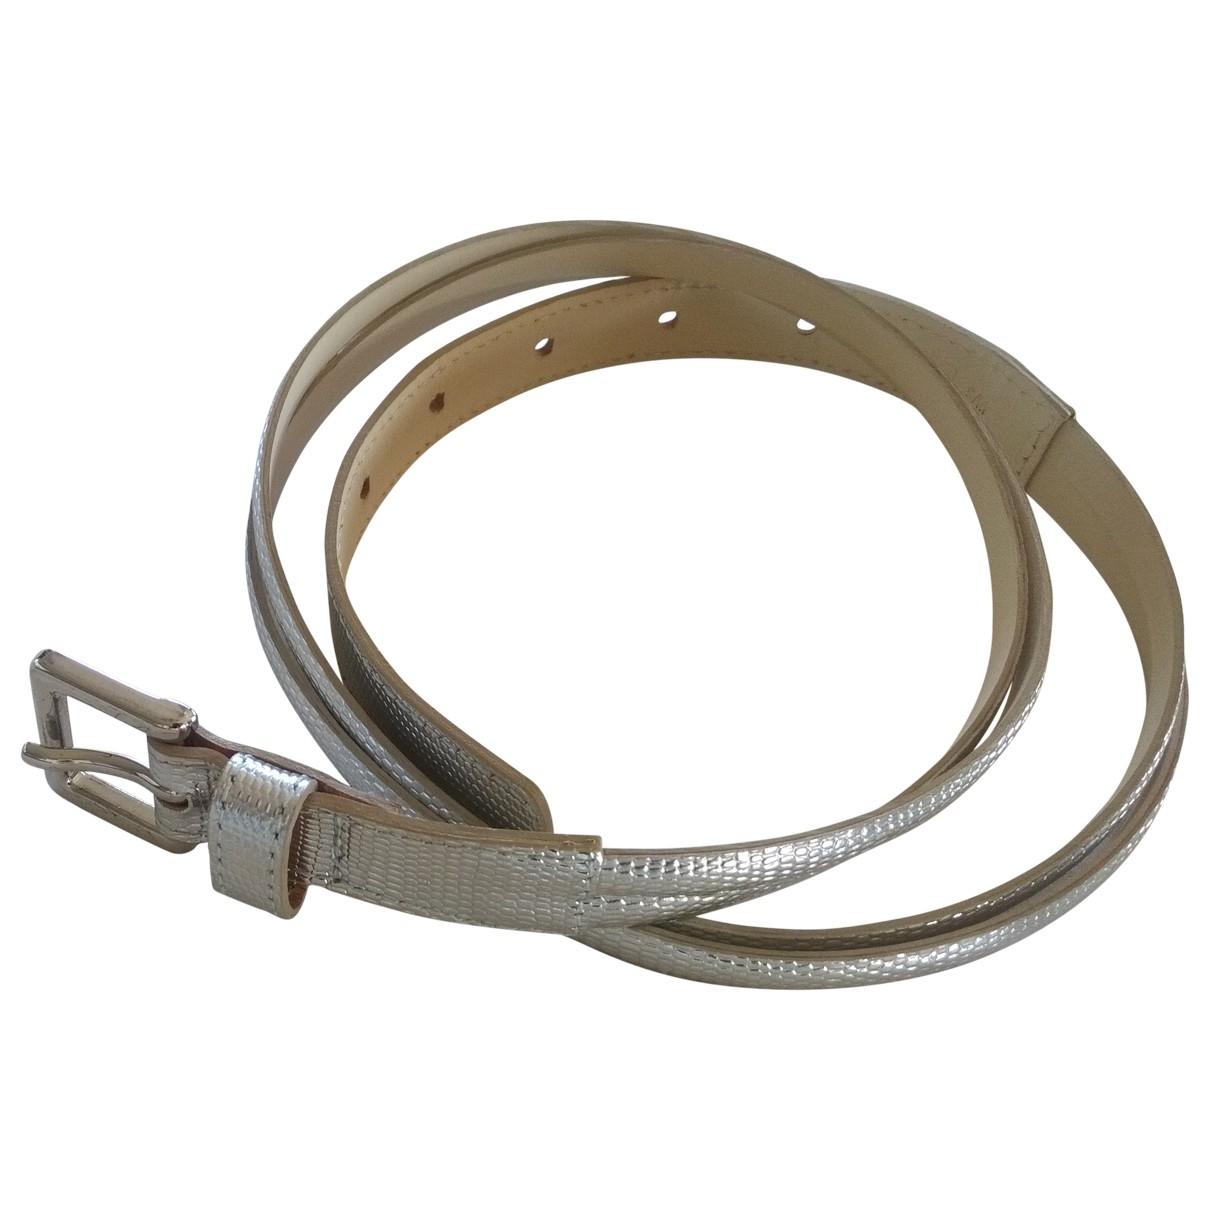 Lk Bennett \N Silver Leather belt for Women S International